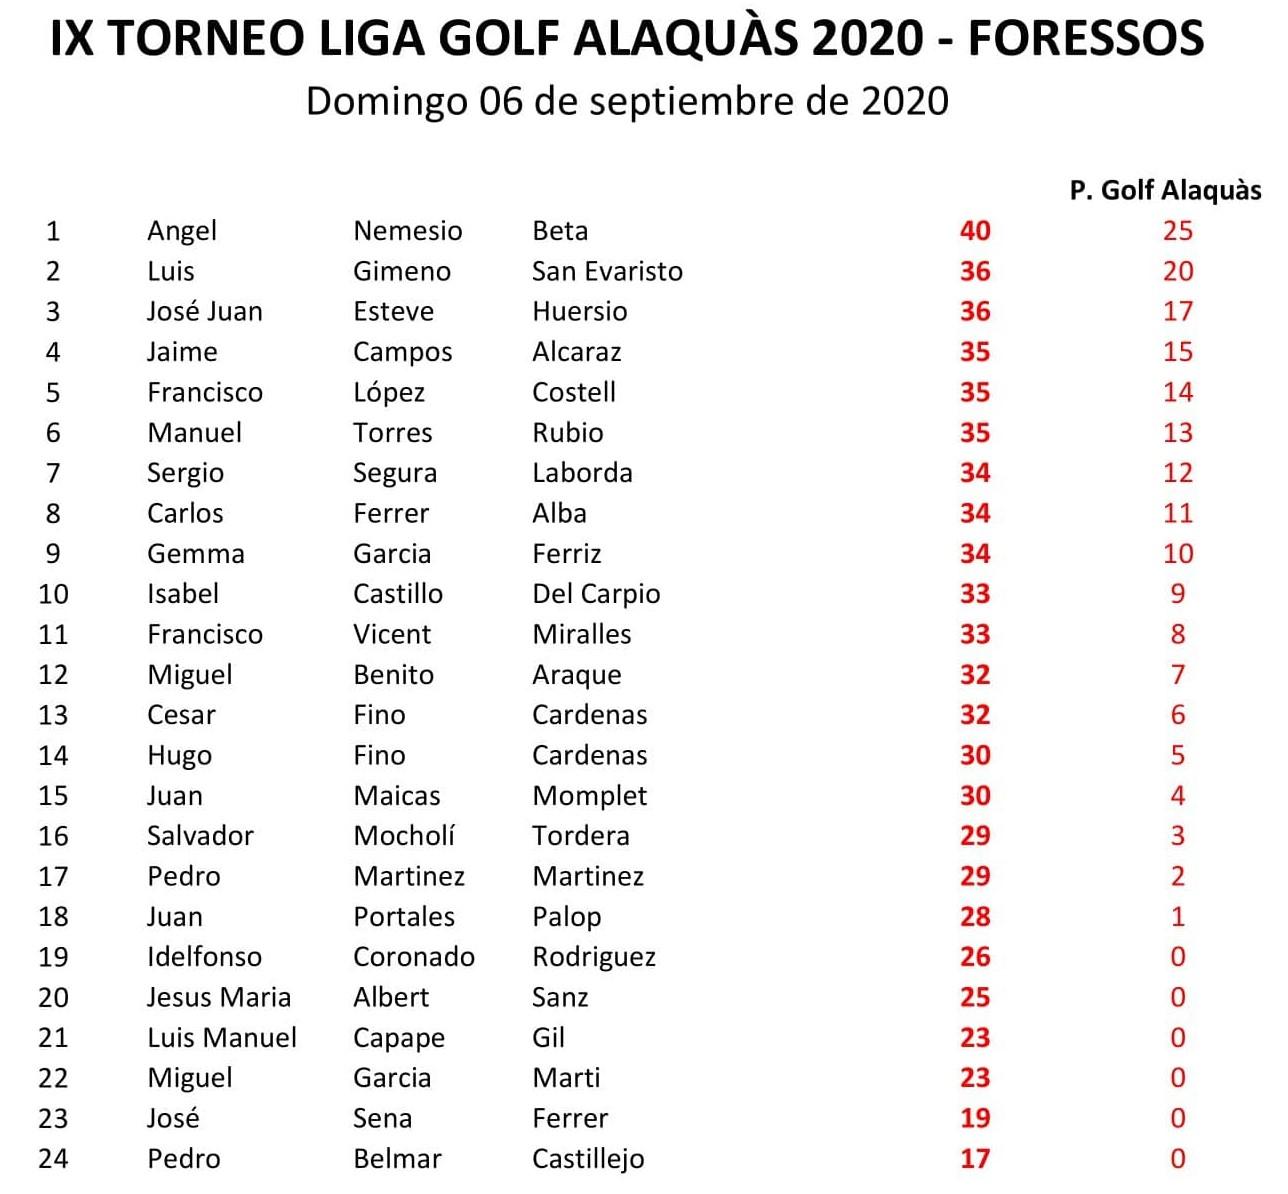 Clasificación IX Torneo Liga 2020 06-09-20